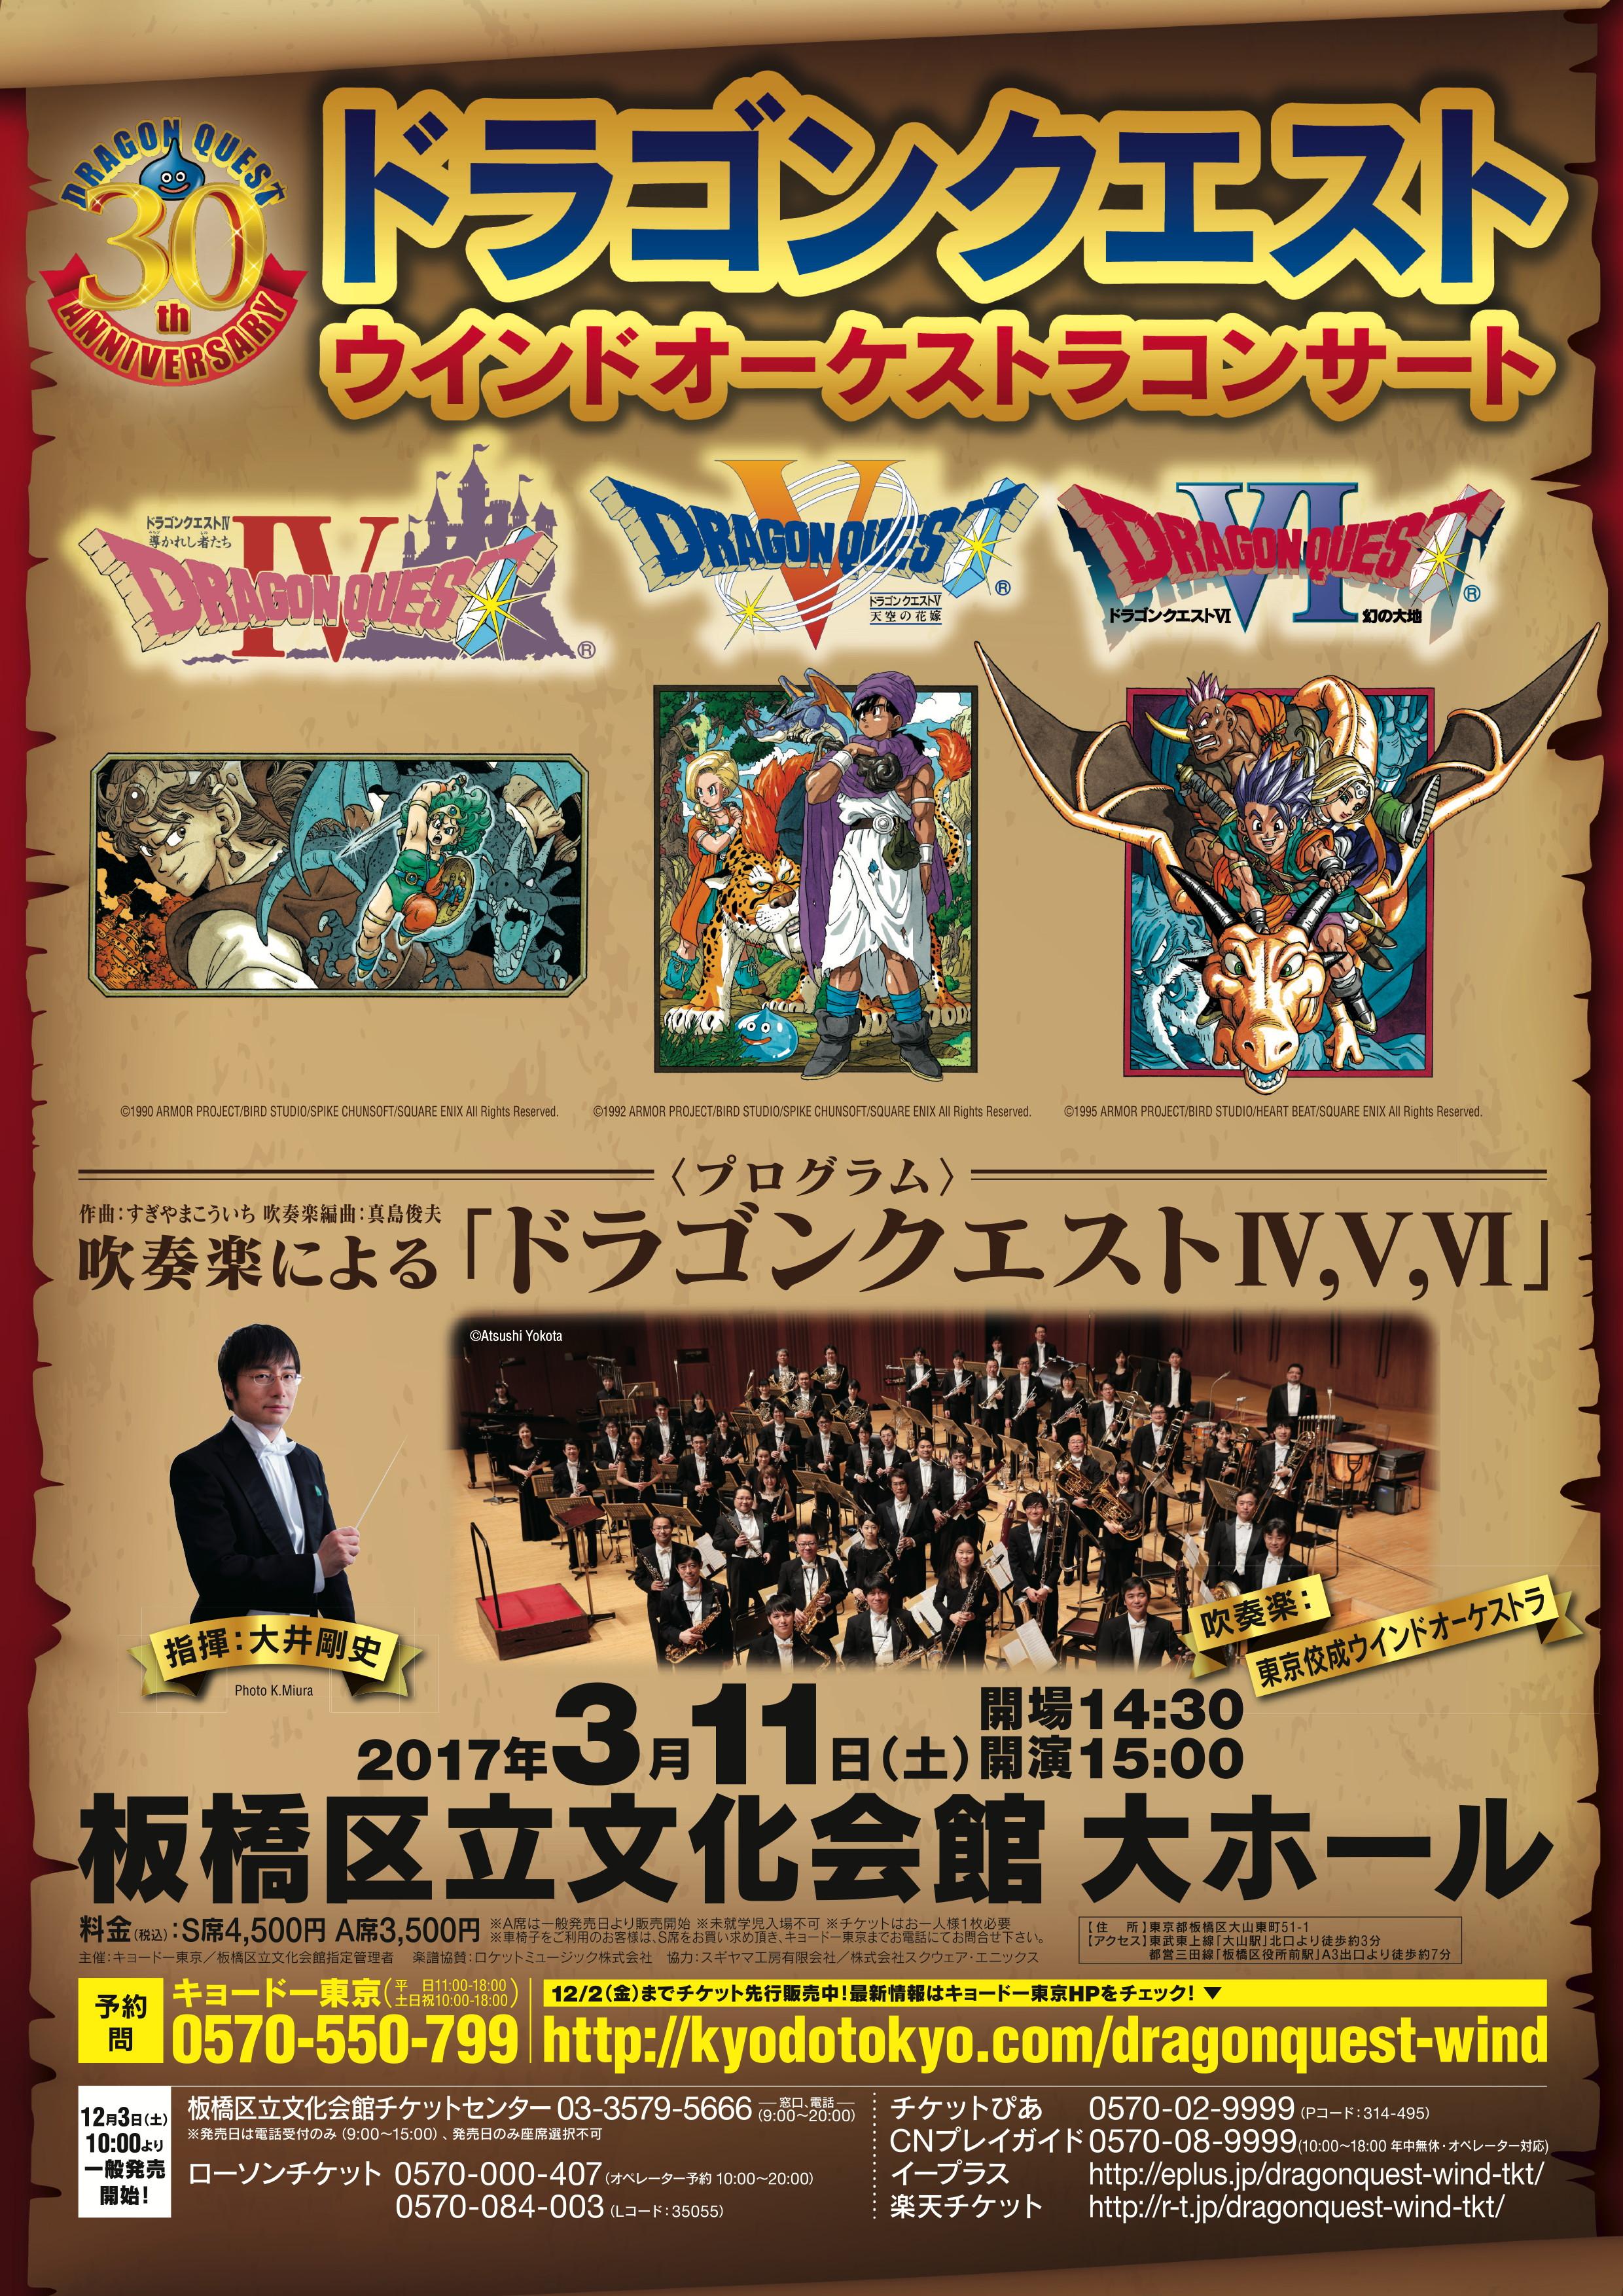 「ドラゴンクエスト」ウインドオーケストラコンサート 板橋公演